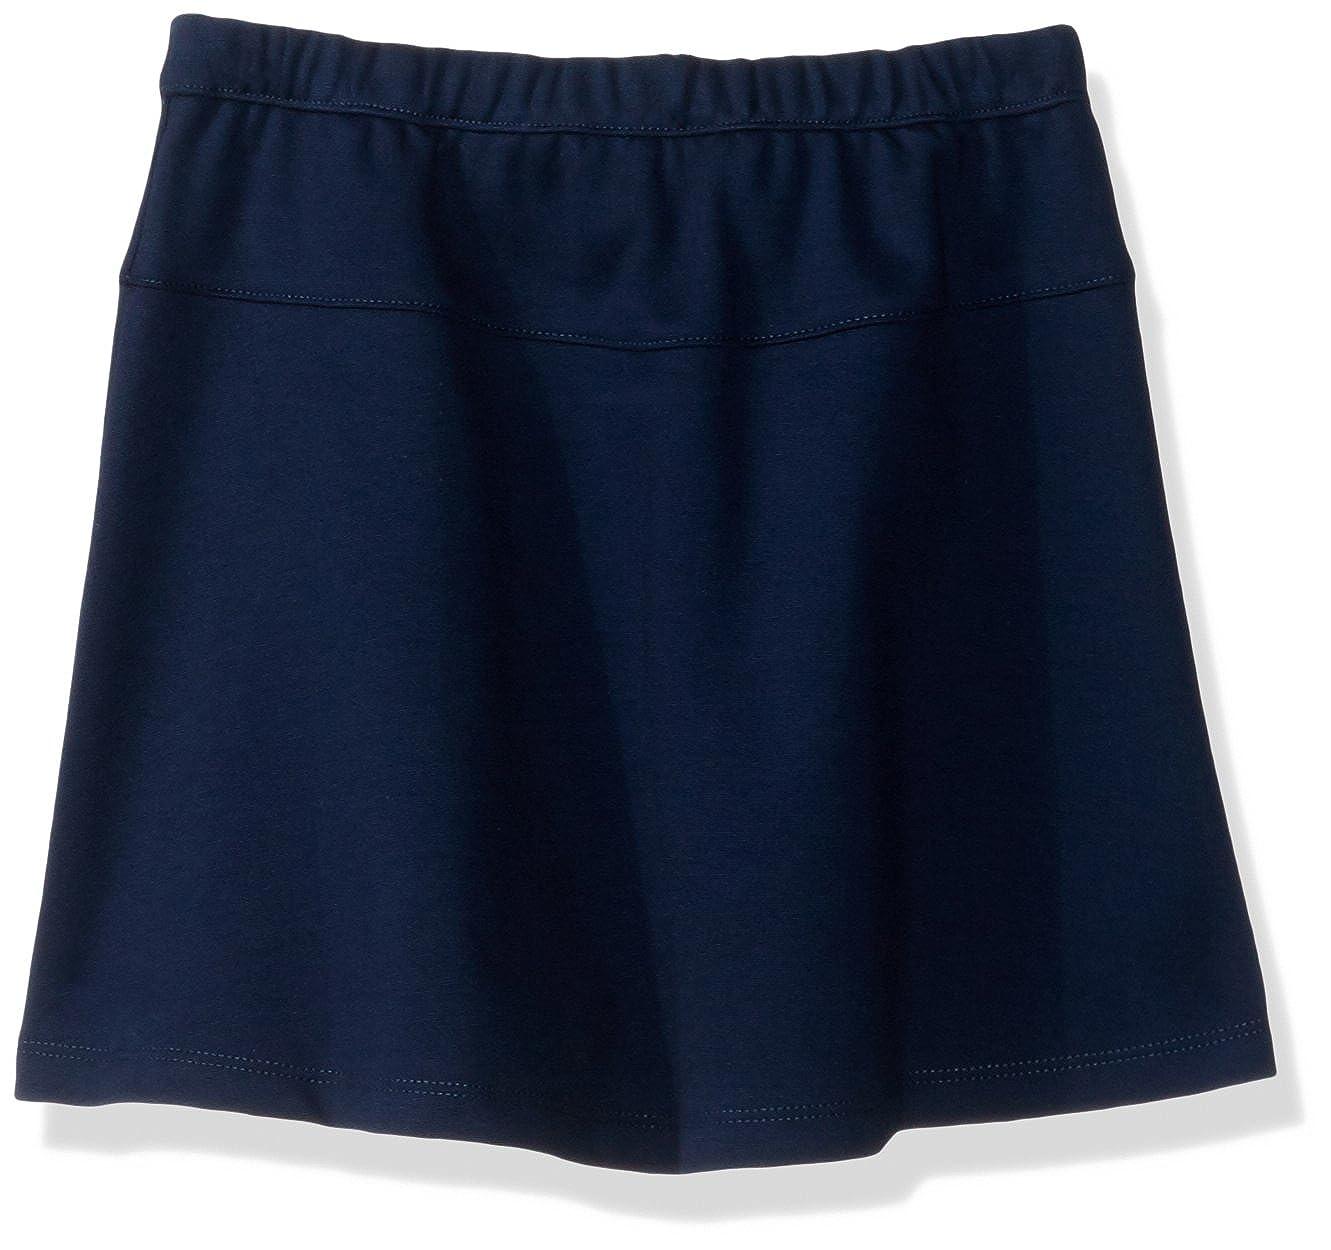 Gymboree Girls Big Uniform Ponte Knit Skort